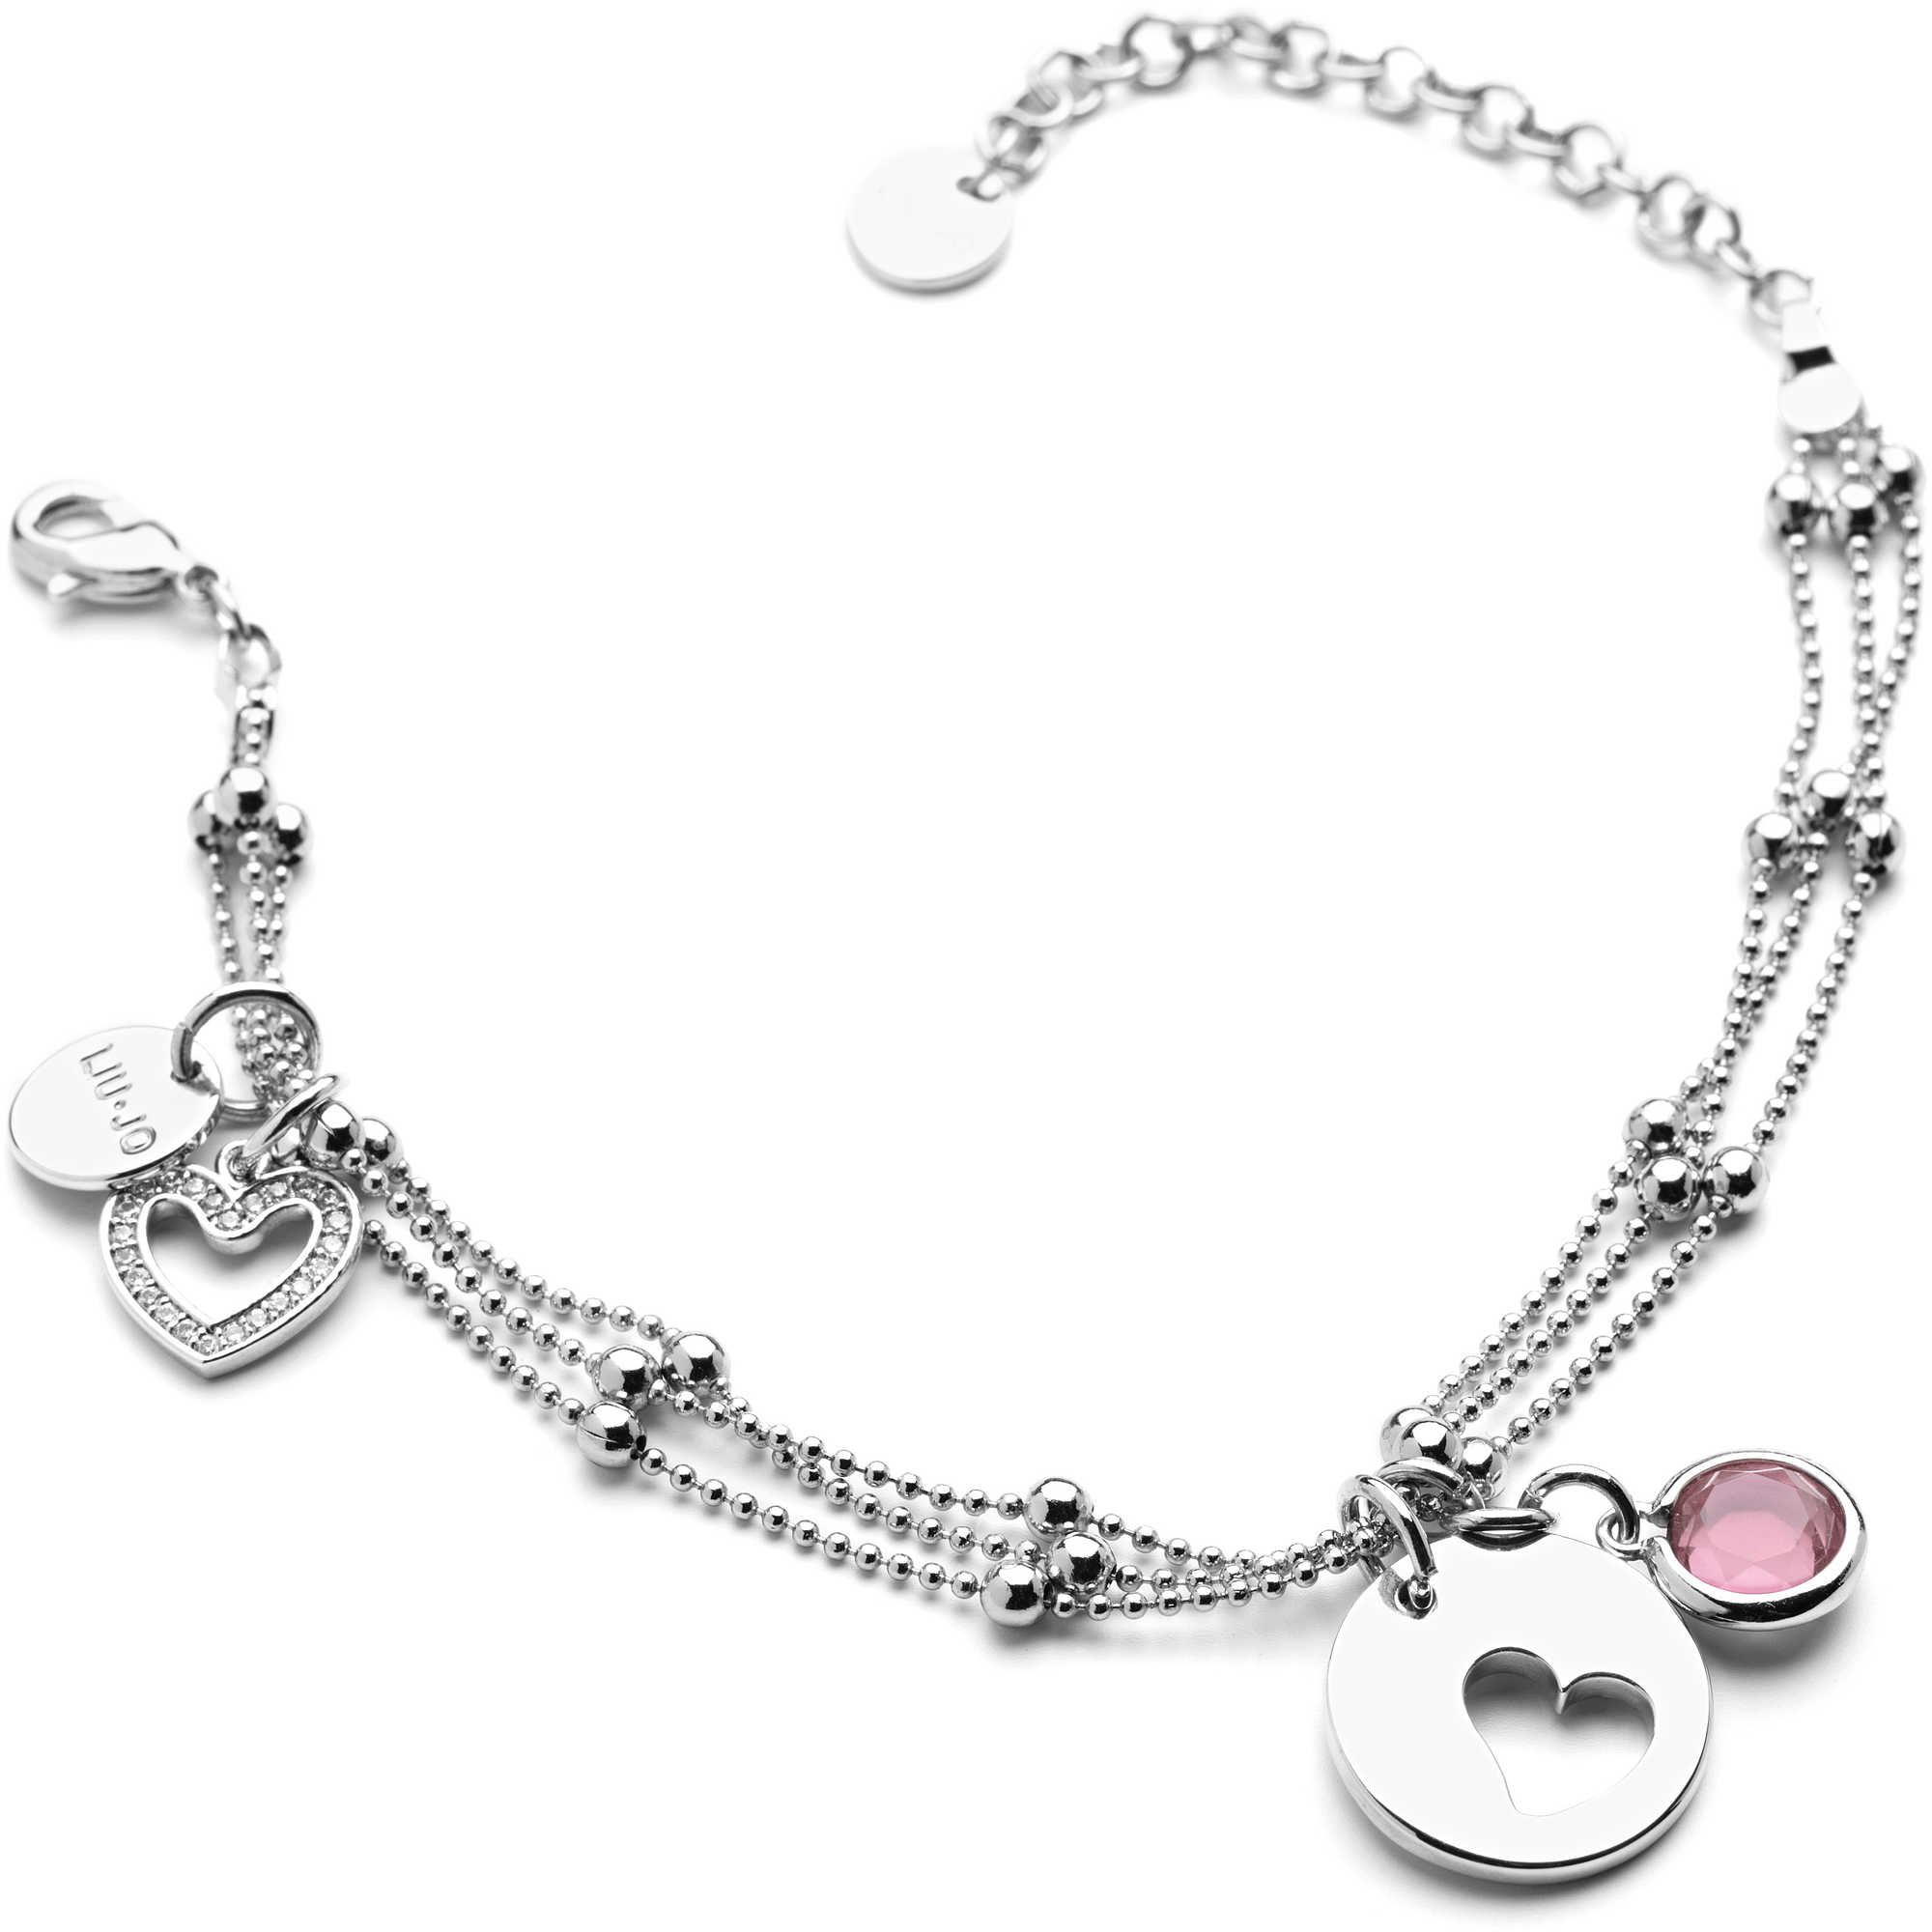 bracciale donna gioielli Liujo Destini LJ971 bracciali Liujo outlet a76d3f7f76f